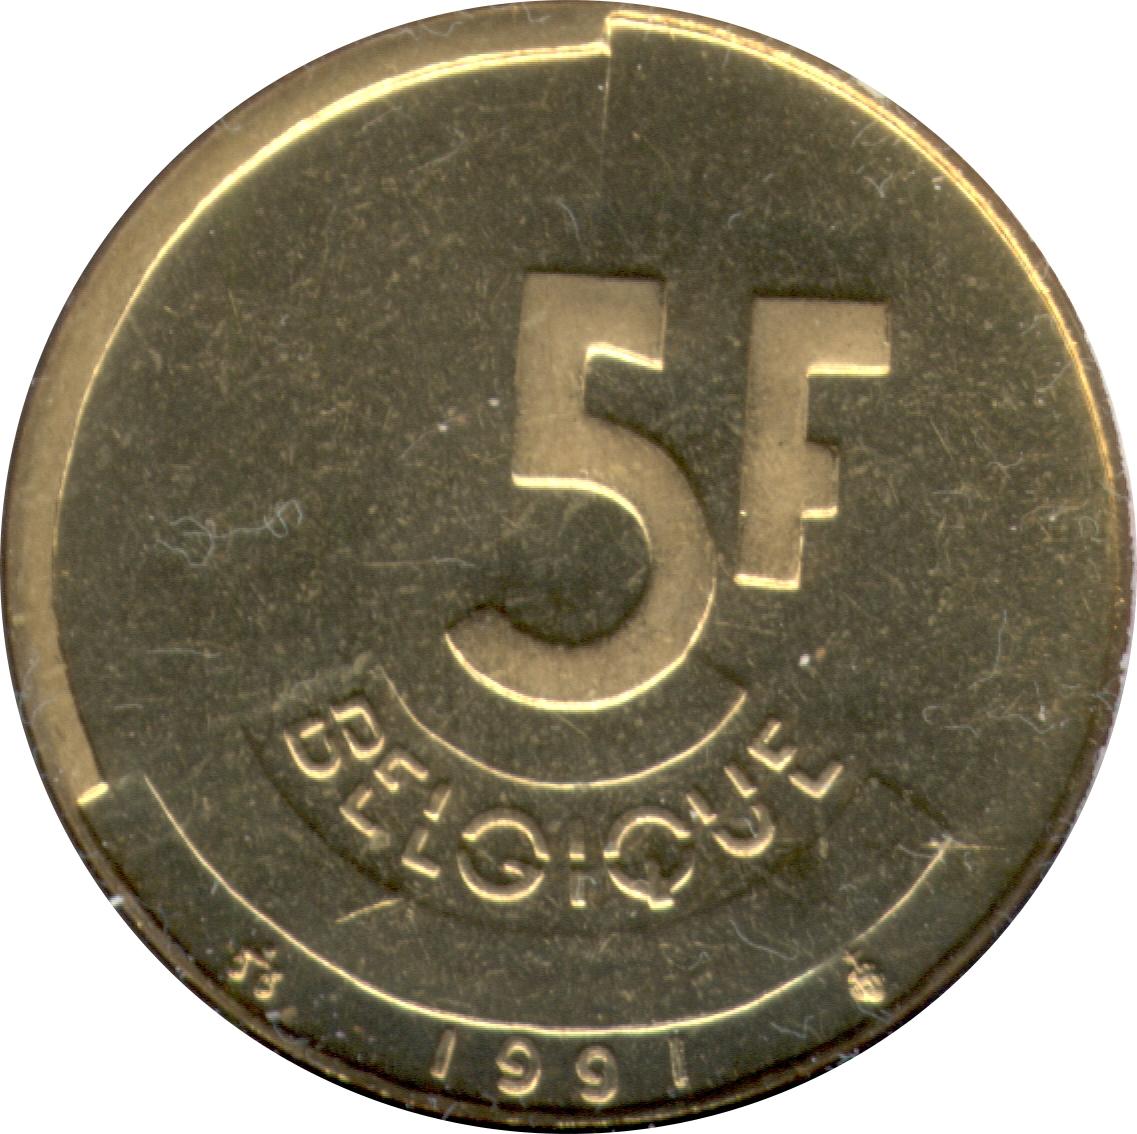 Бельгия 5 франков 1986 одноклассники violity